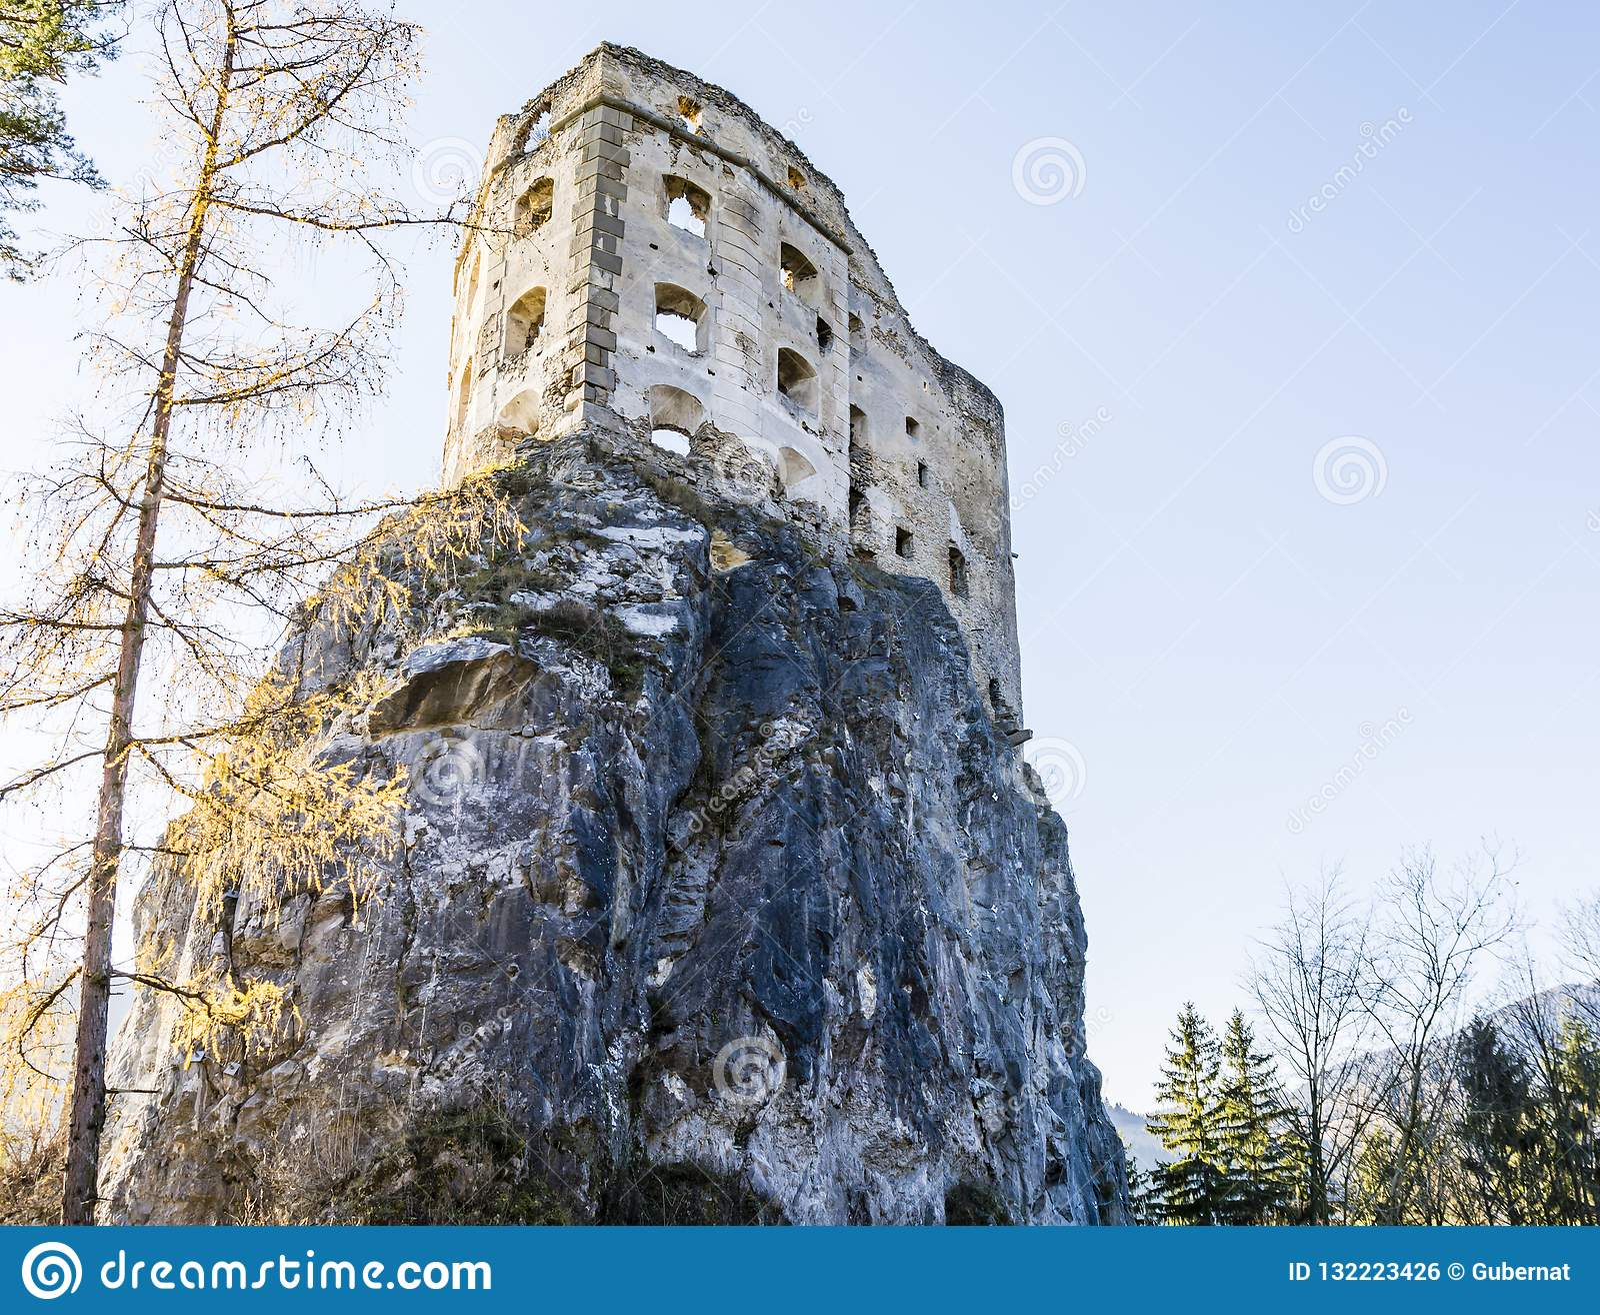 Château royal de Likava - murs détruits de la forteresse sur la roche